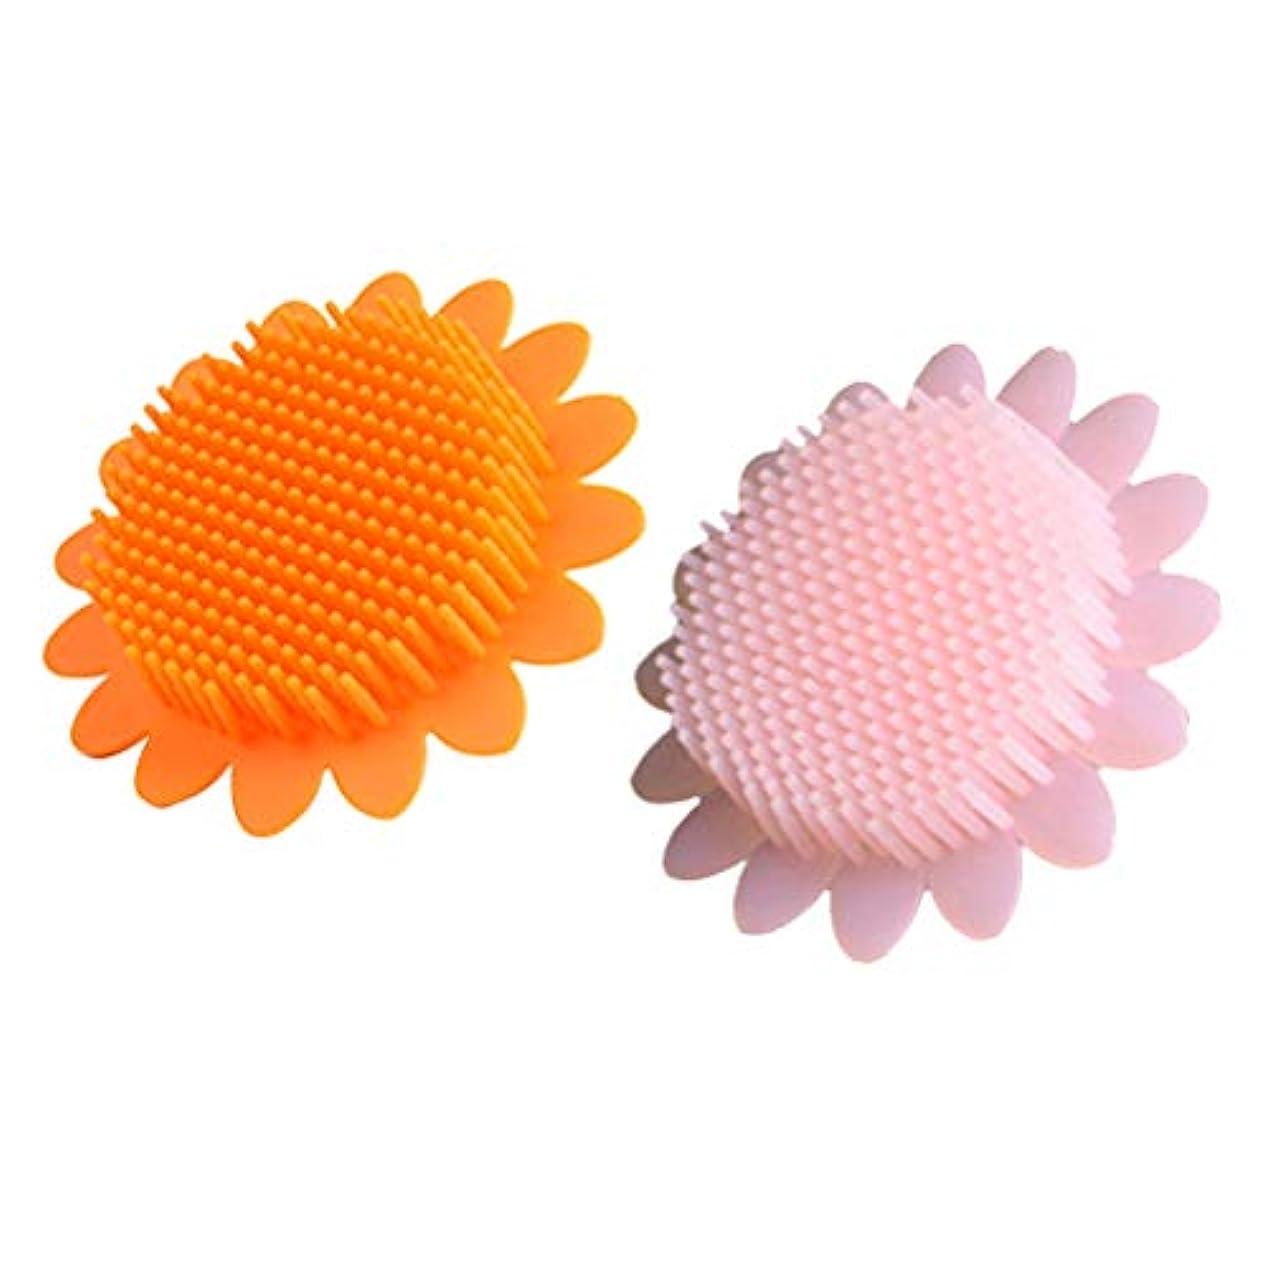 封建グローブ事Beaupretty 2本の赤ちゃん風呂ブラシシリコーンボディブラシ頭皮マッサージブラシ赤ちゃんのためのシャンプーブラシ(オレンジ+ピンク)